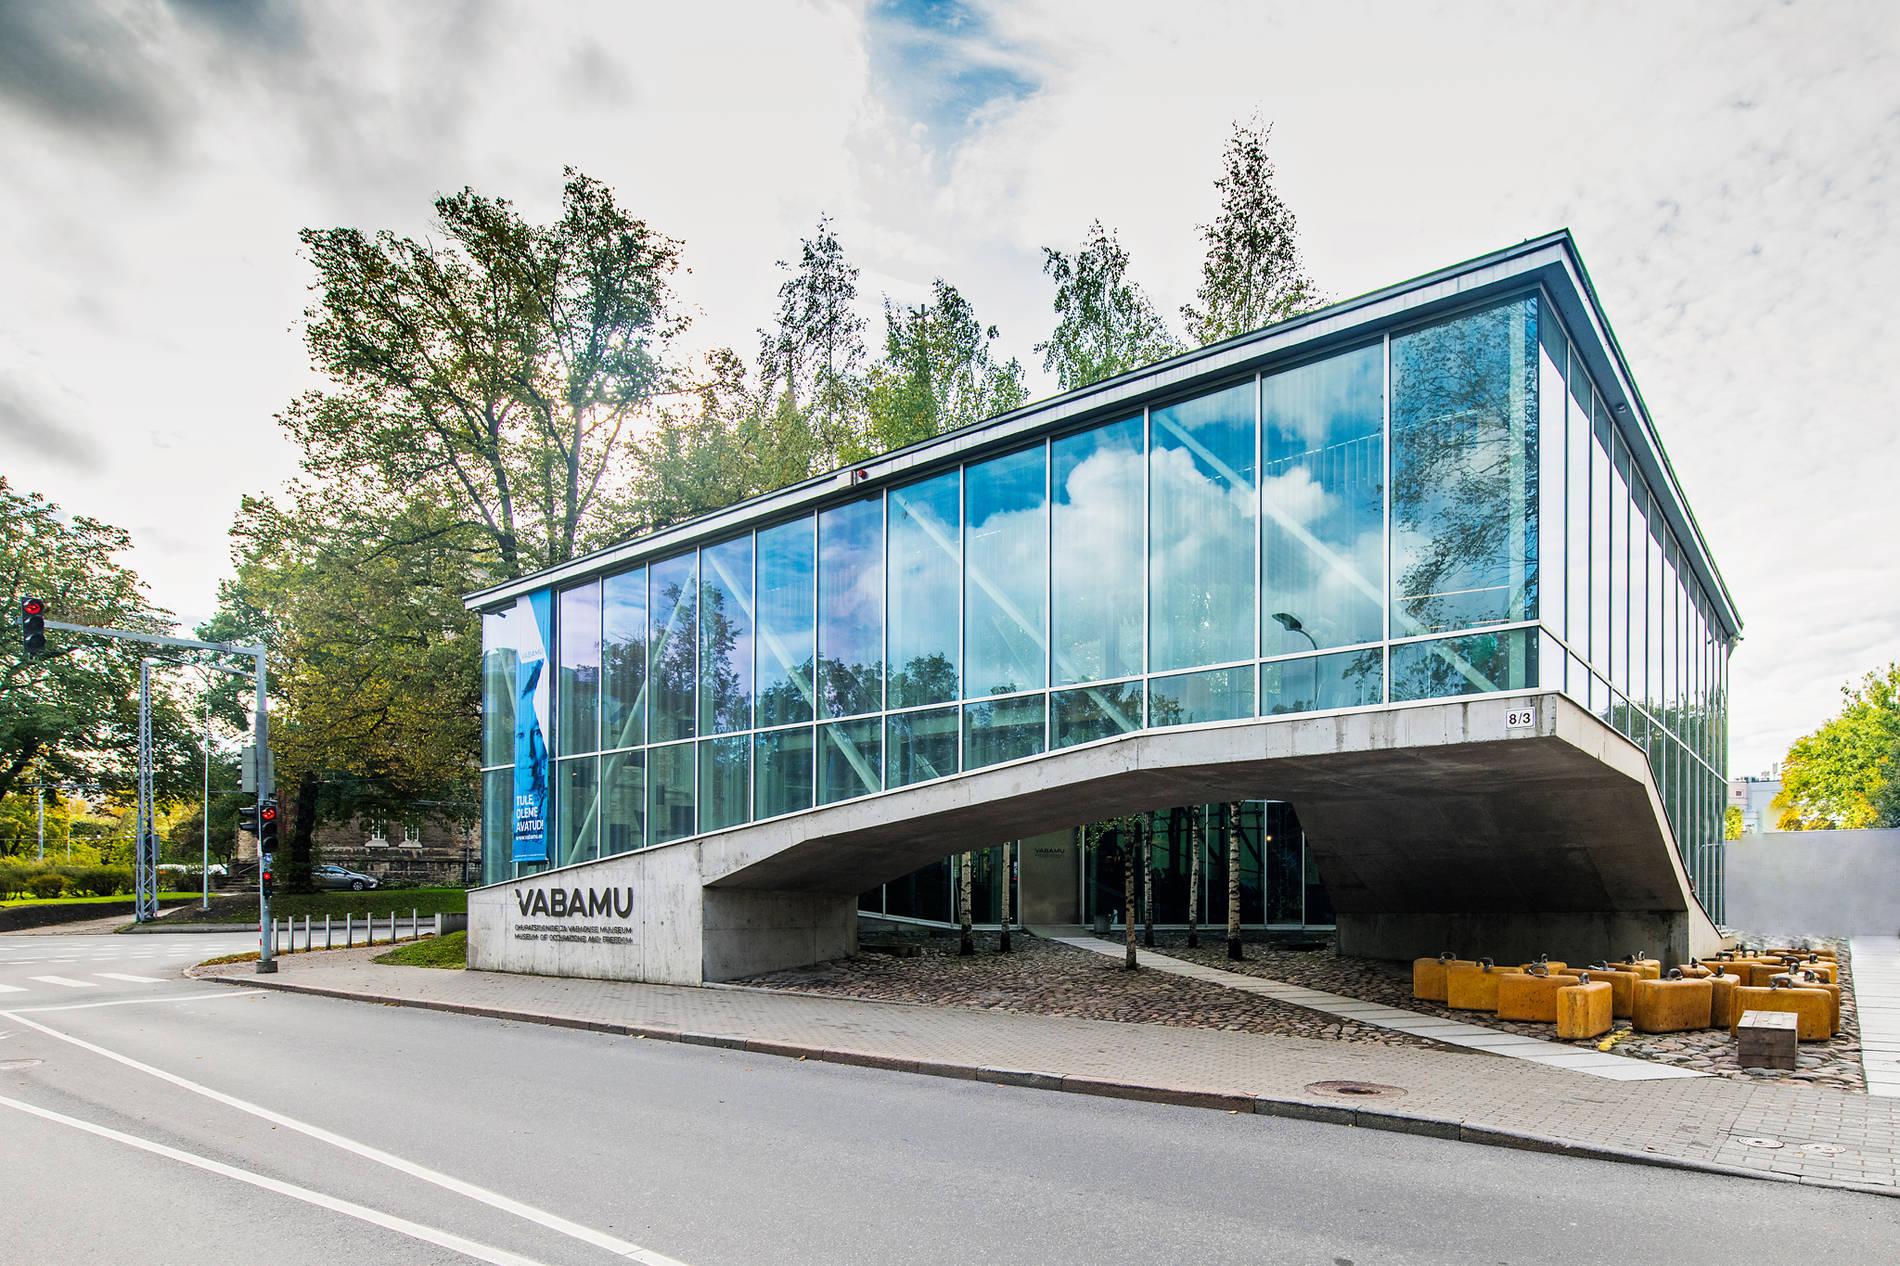 Вид снаружи Музея оккупаций и свободы Vabamu, Центр города, Таллинн, Эстония